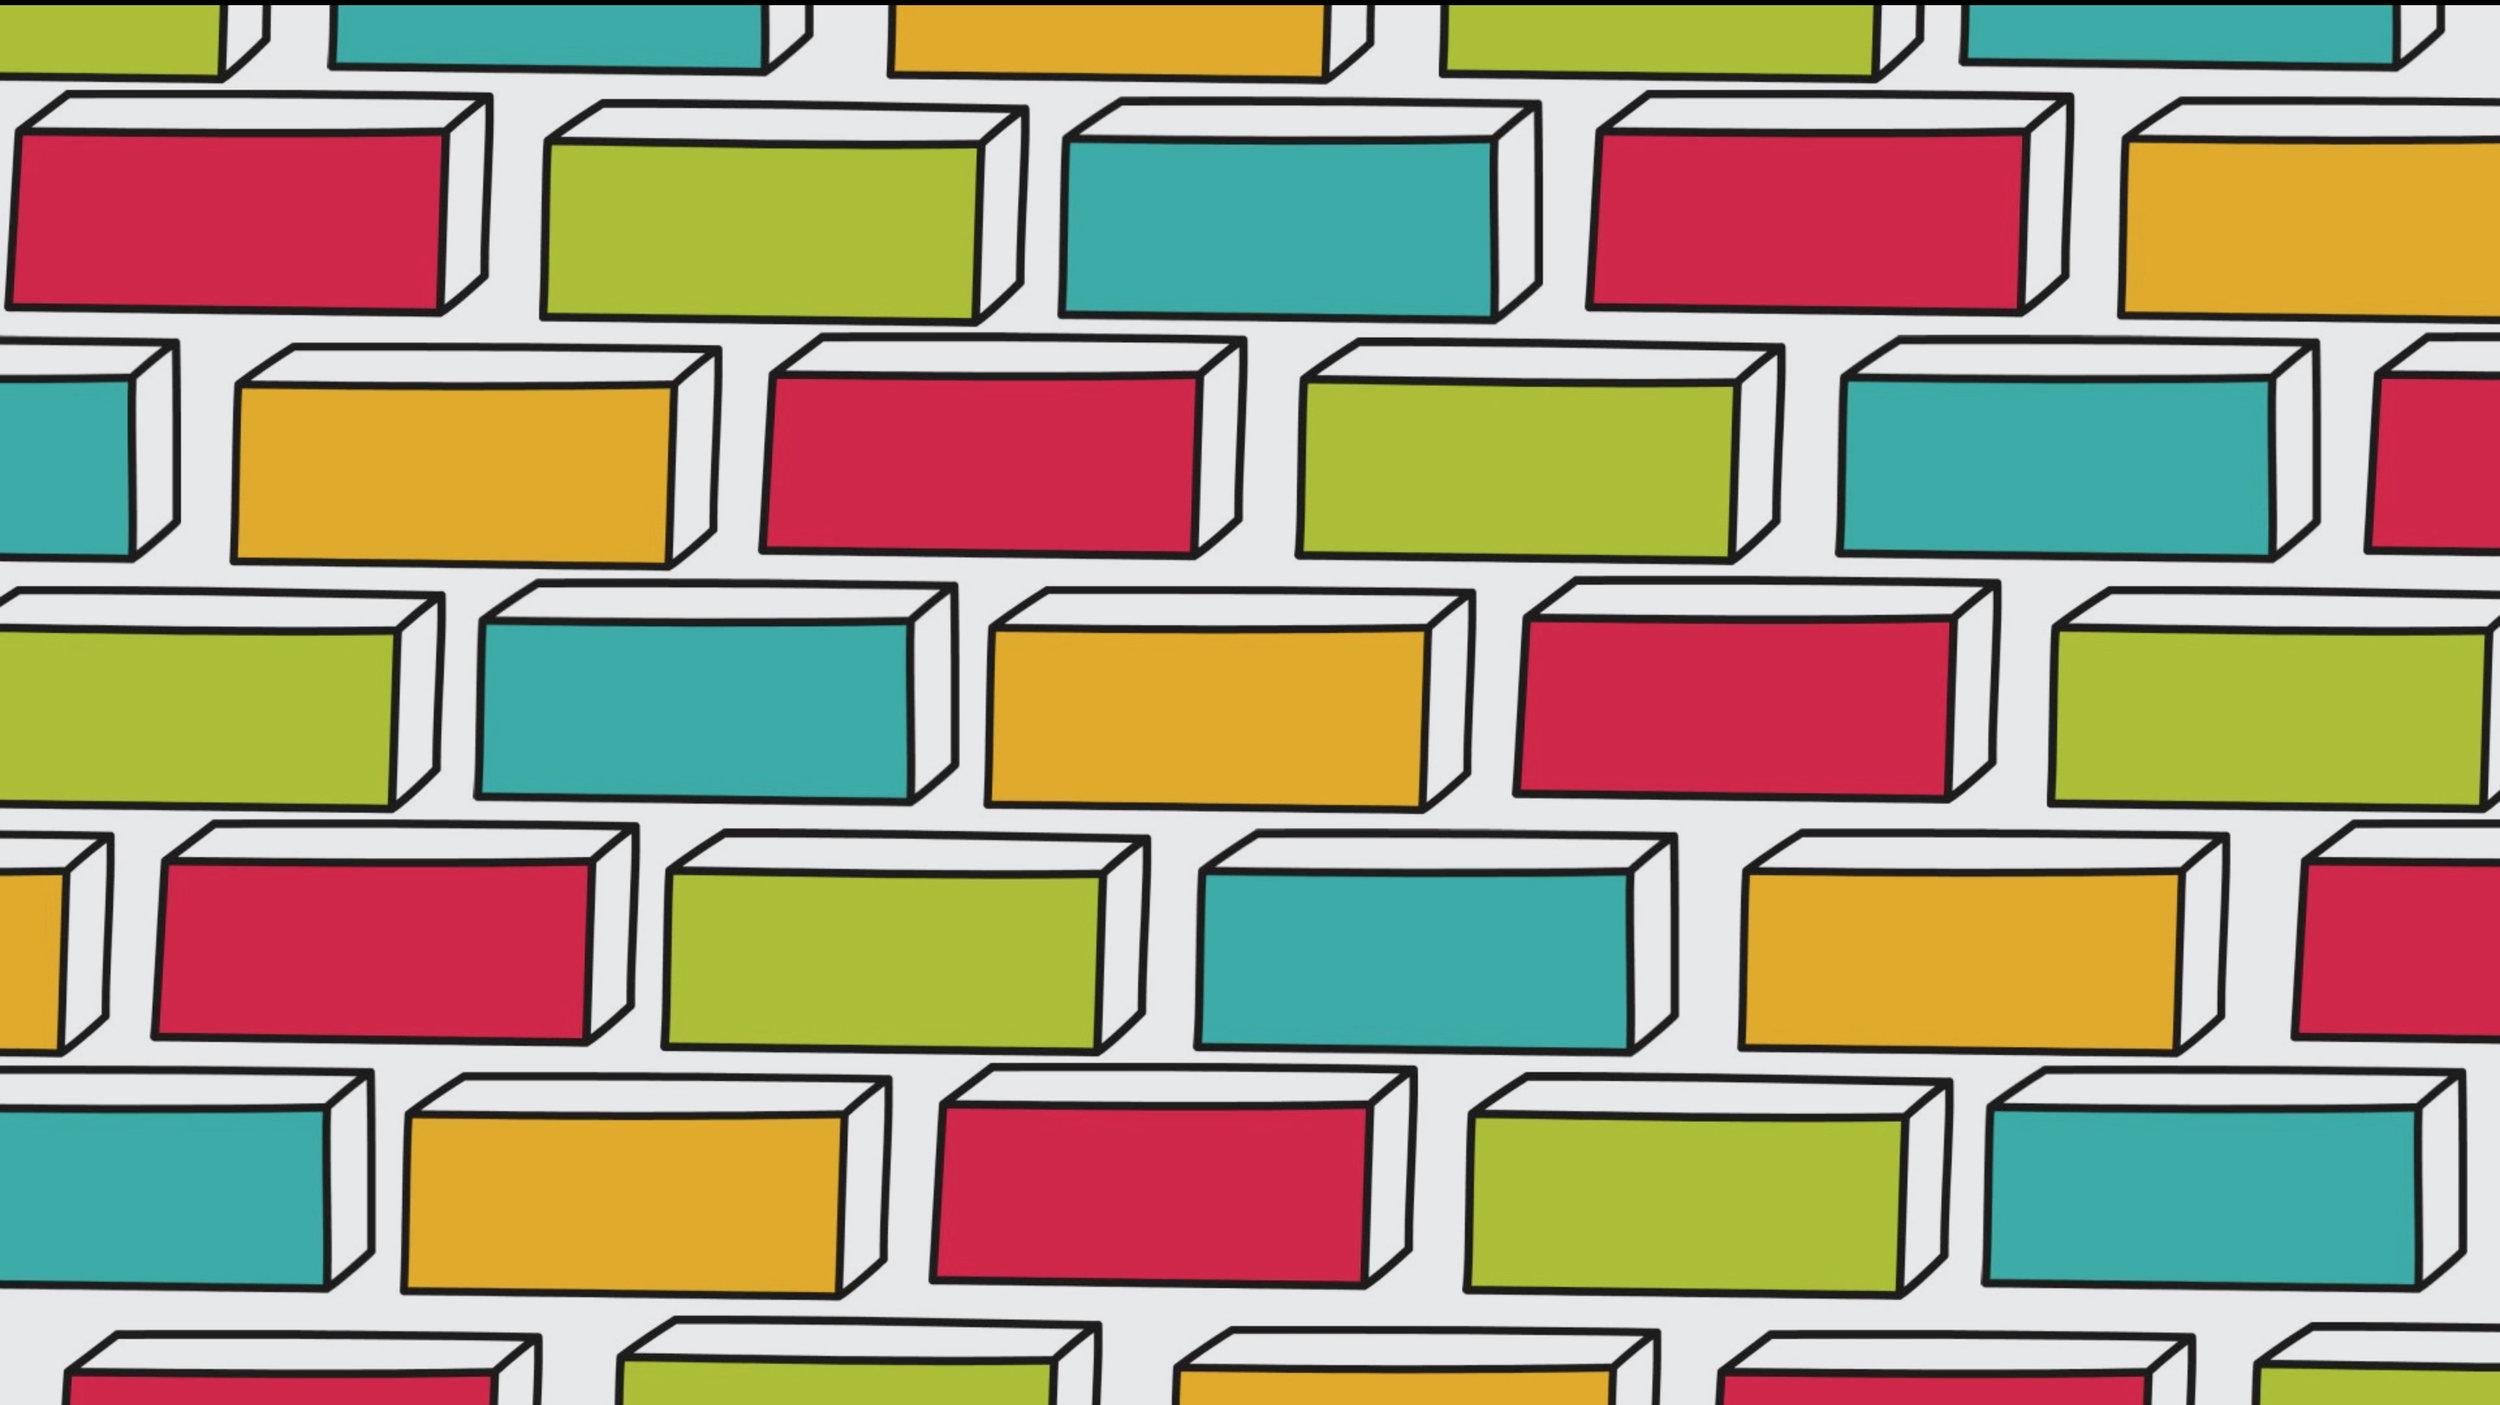 BricksScreenshot.jpg